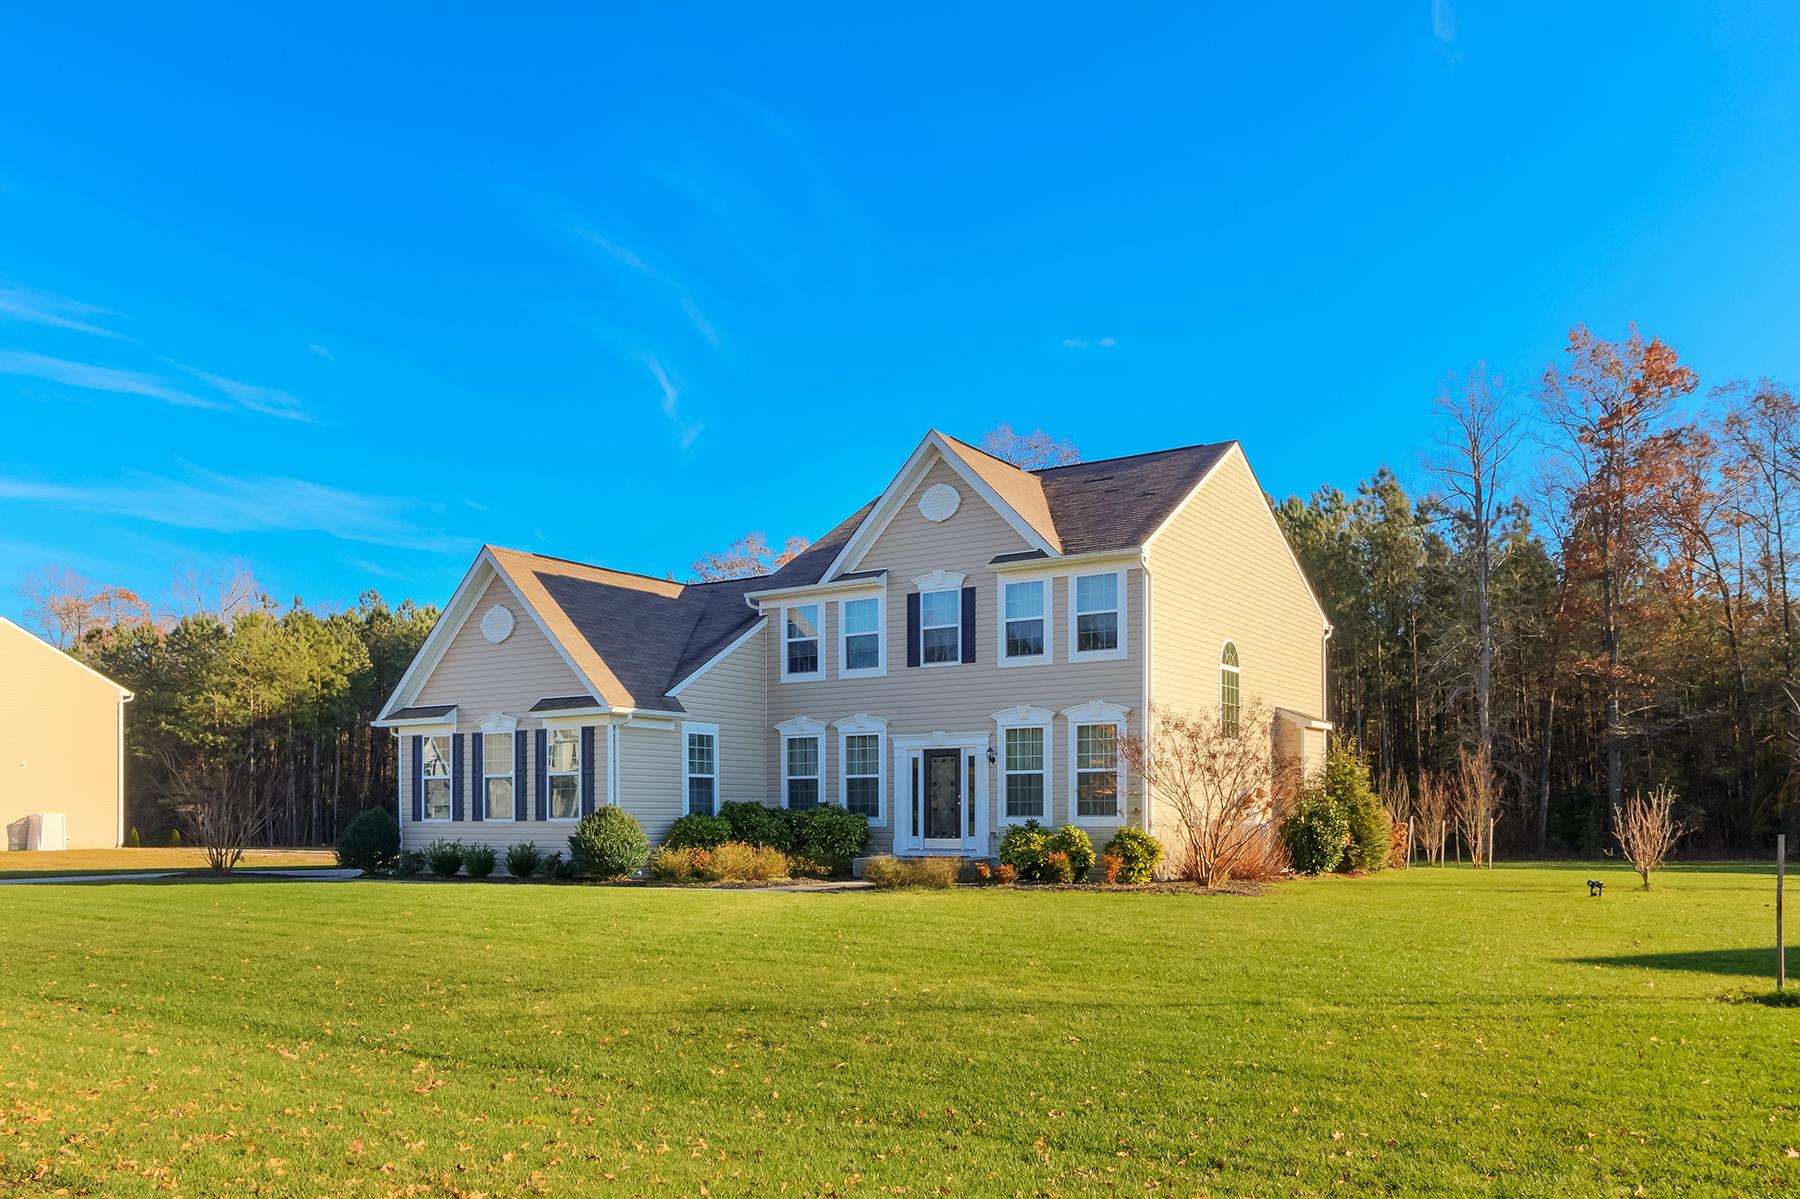 独户住宅 为 销售 在 26100 Kits Burrow Ct , Georgetown, DE 19947 26100 Kits Burrow Ct, 乔治城, 特拉华州 19947 美国